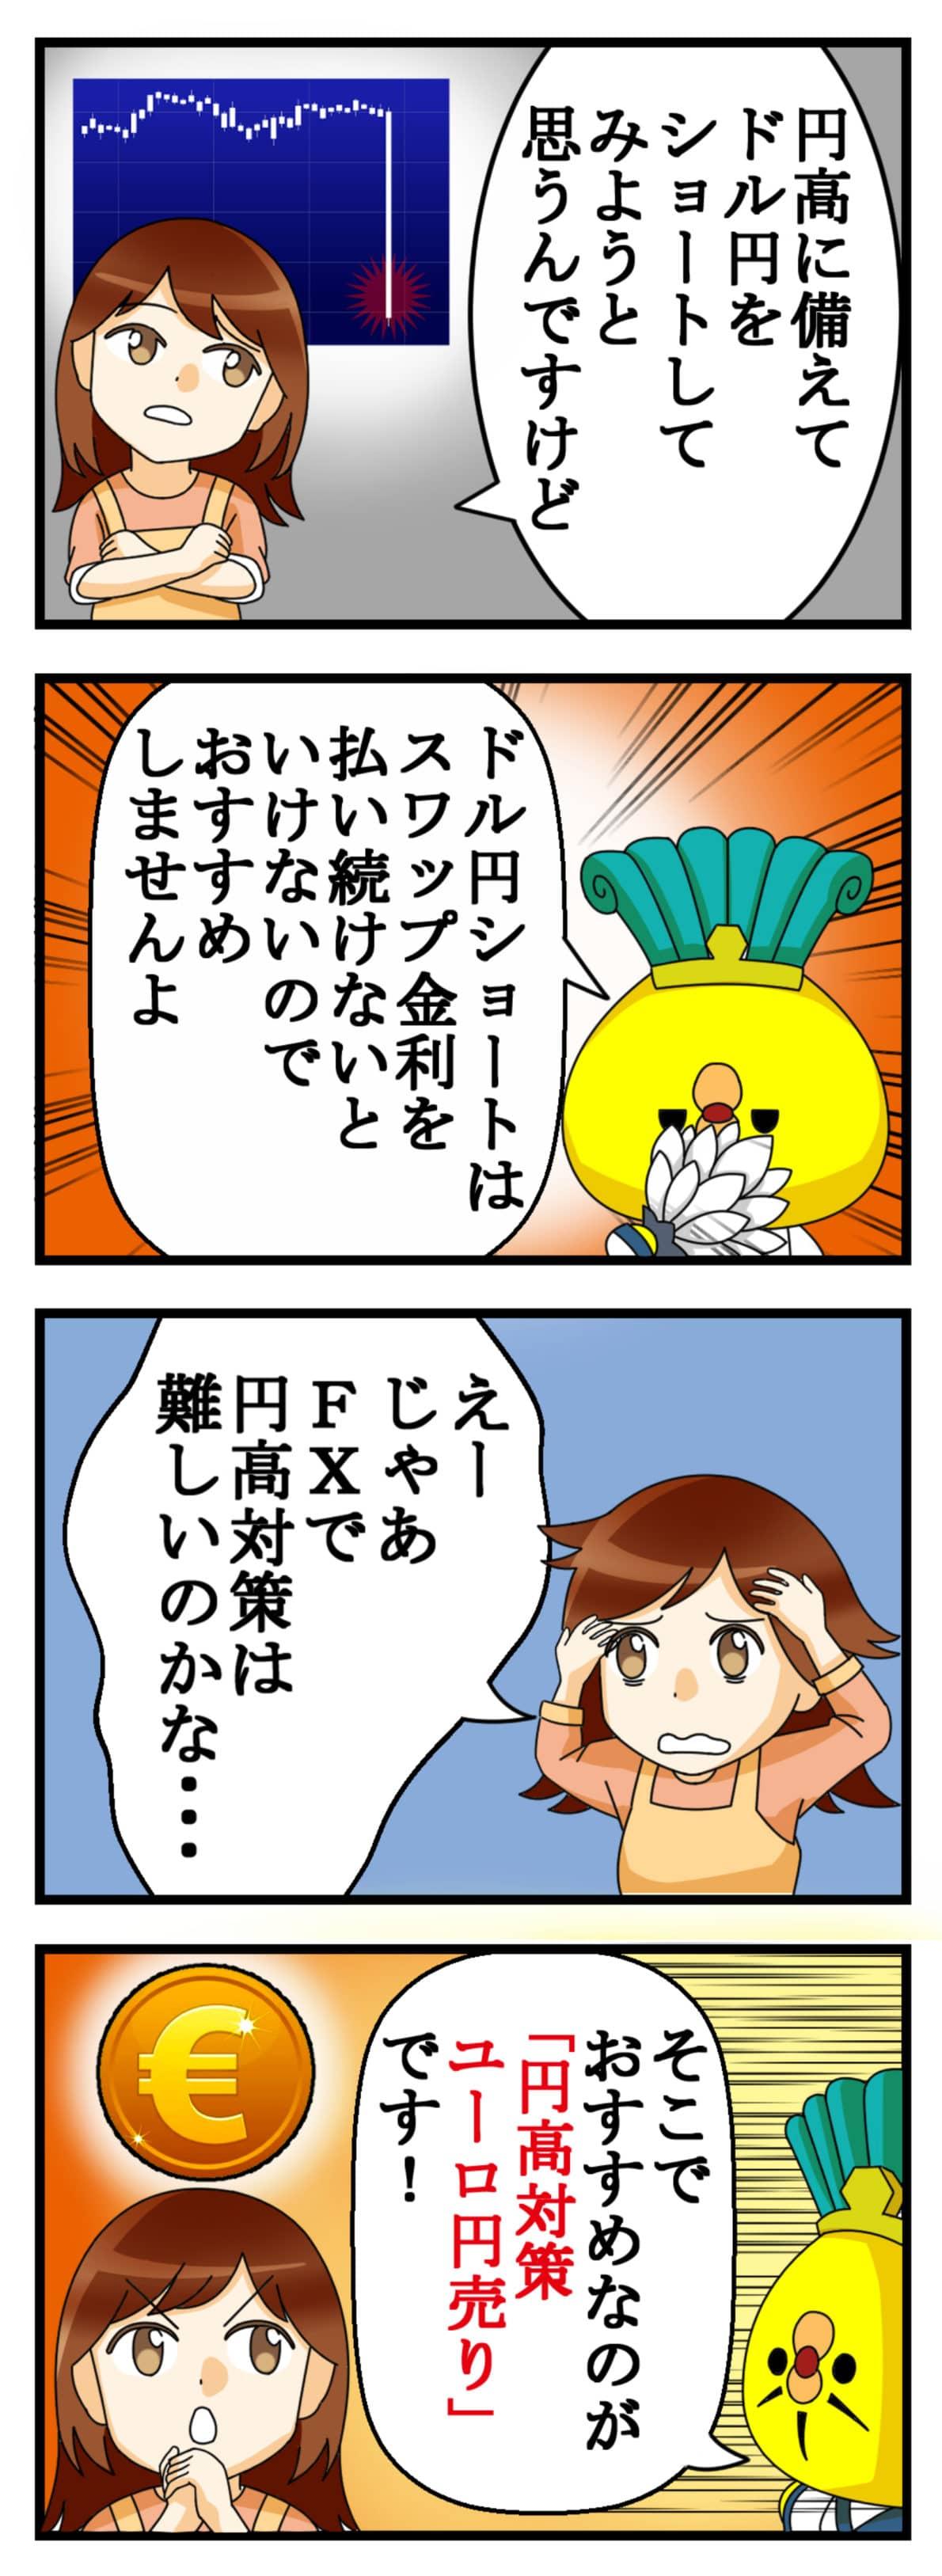 円高対策ユーロ円売り